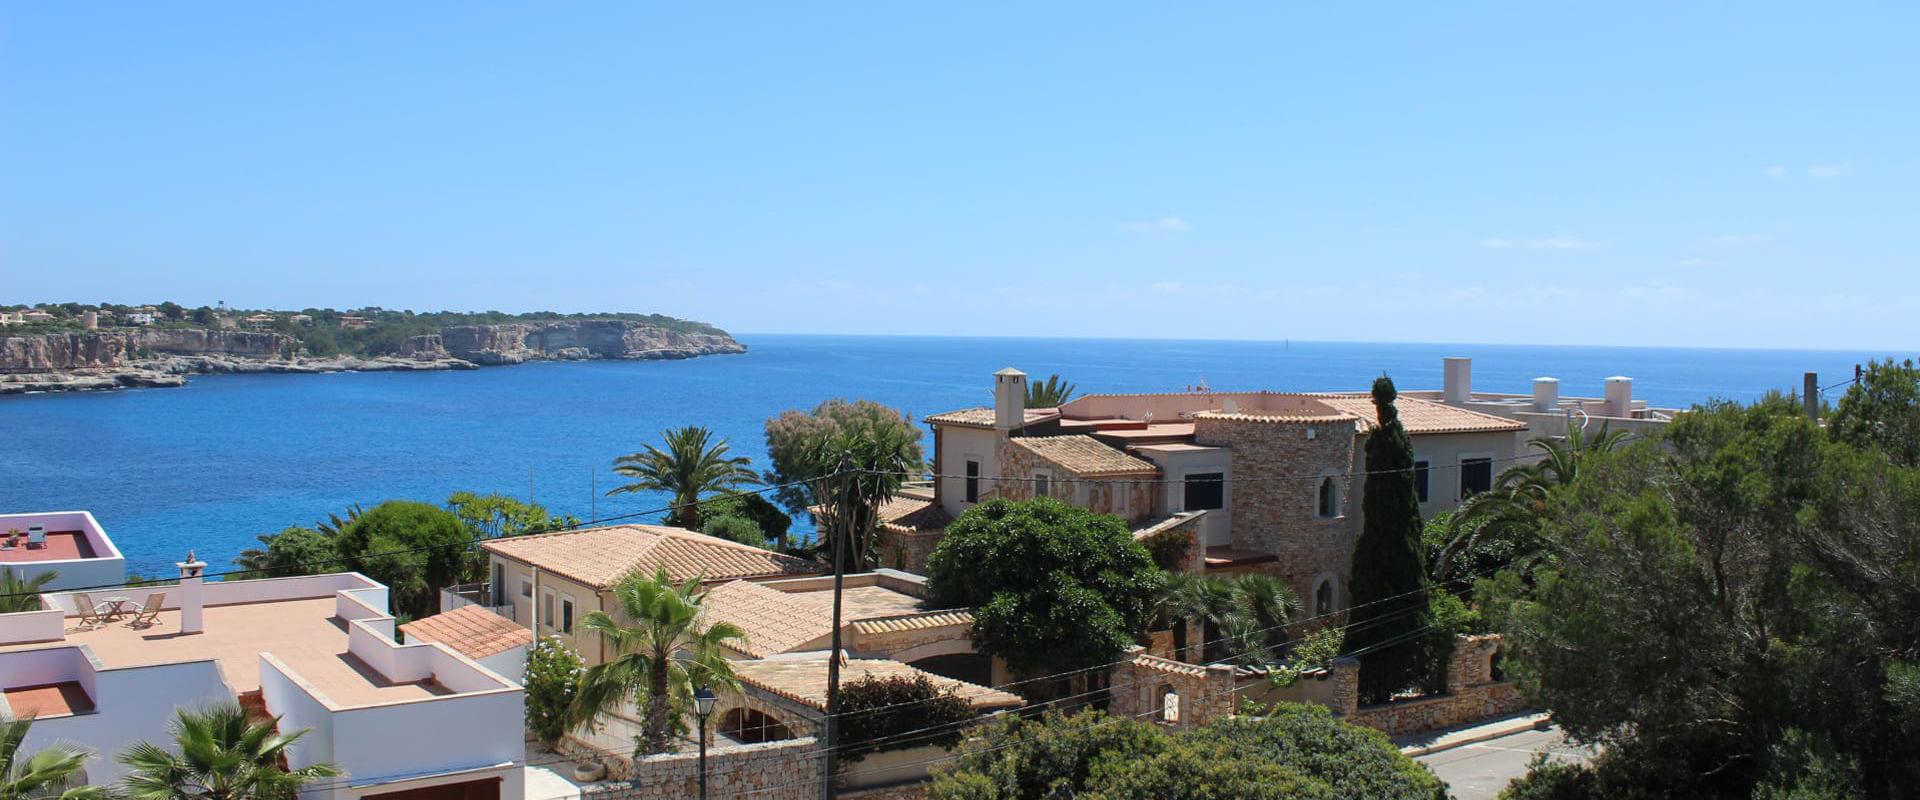 Ferienvilla Blue Lagoon Mallorca